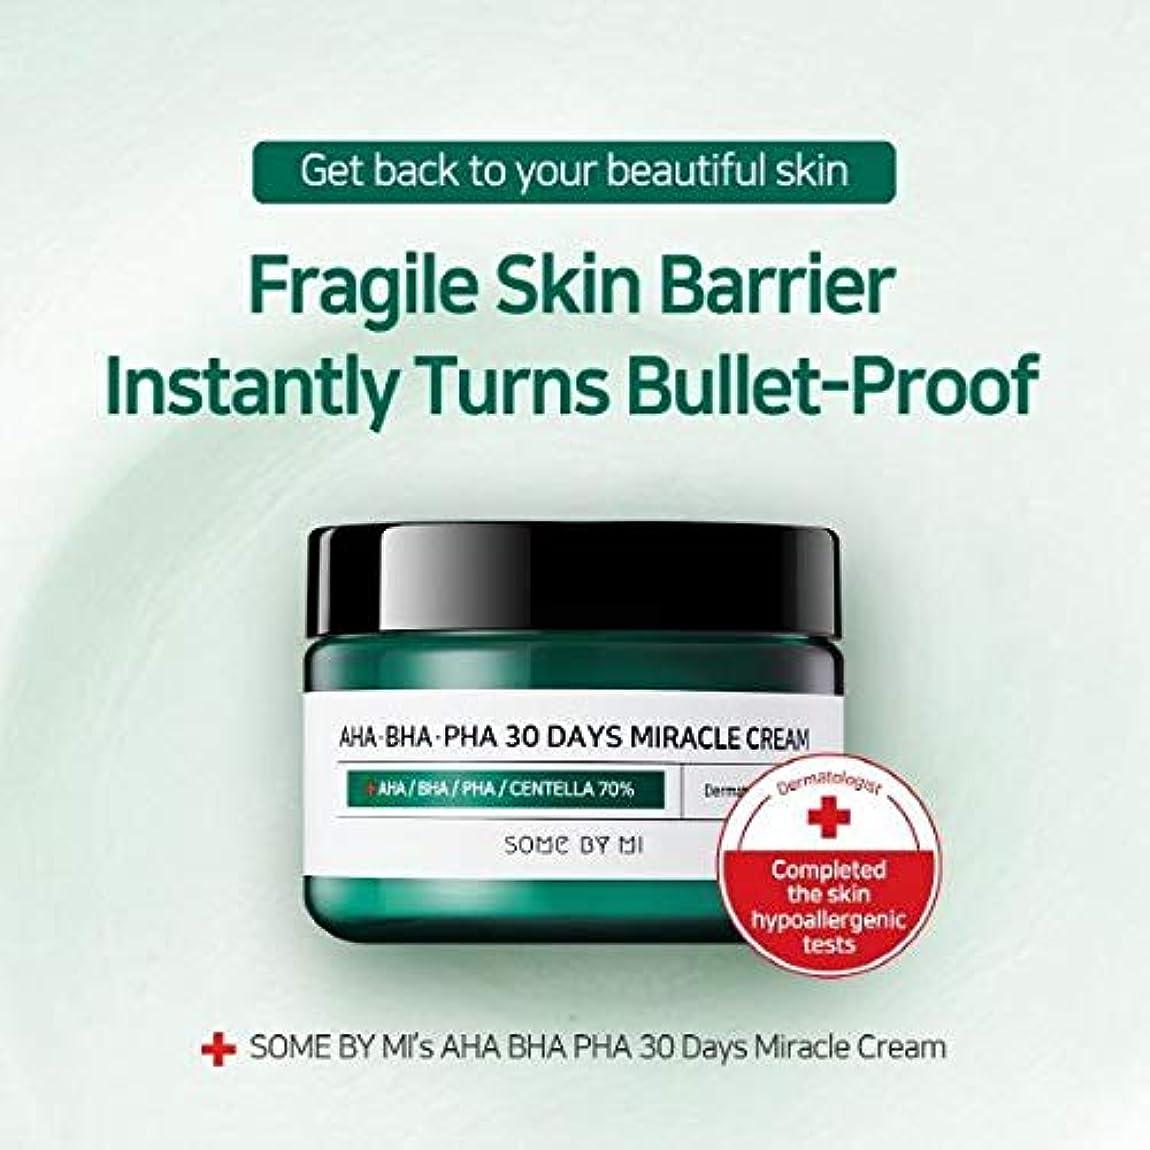 蓮中性優しさSomebymi AHA BHA PHA Miracle Cream 50ml (1.7oz) Skin Barrier & Recovery, Soothing with Tea Tree 10,000ppm for...